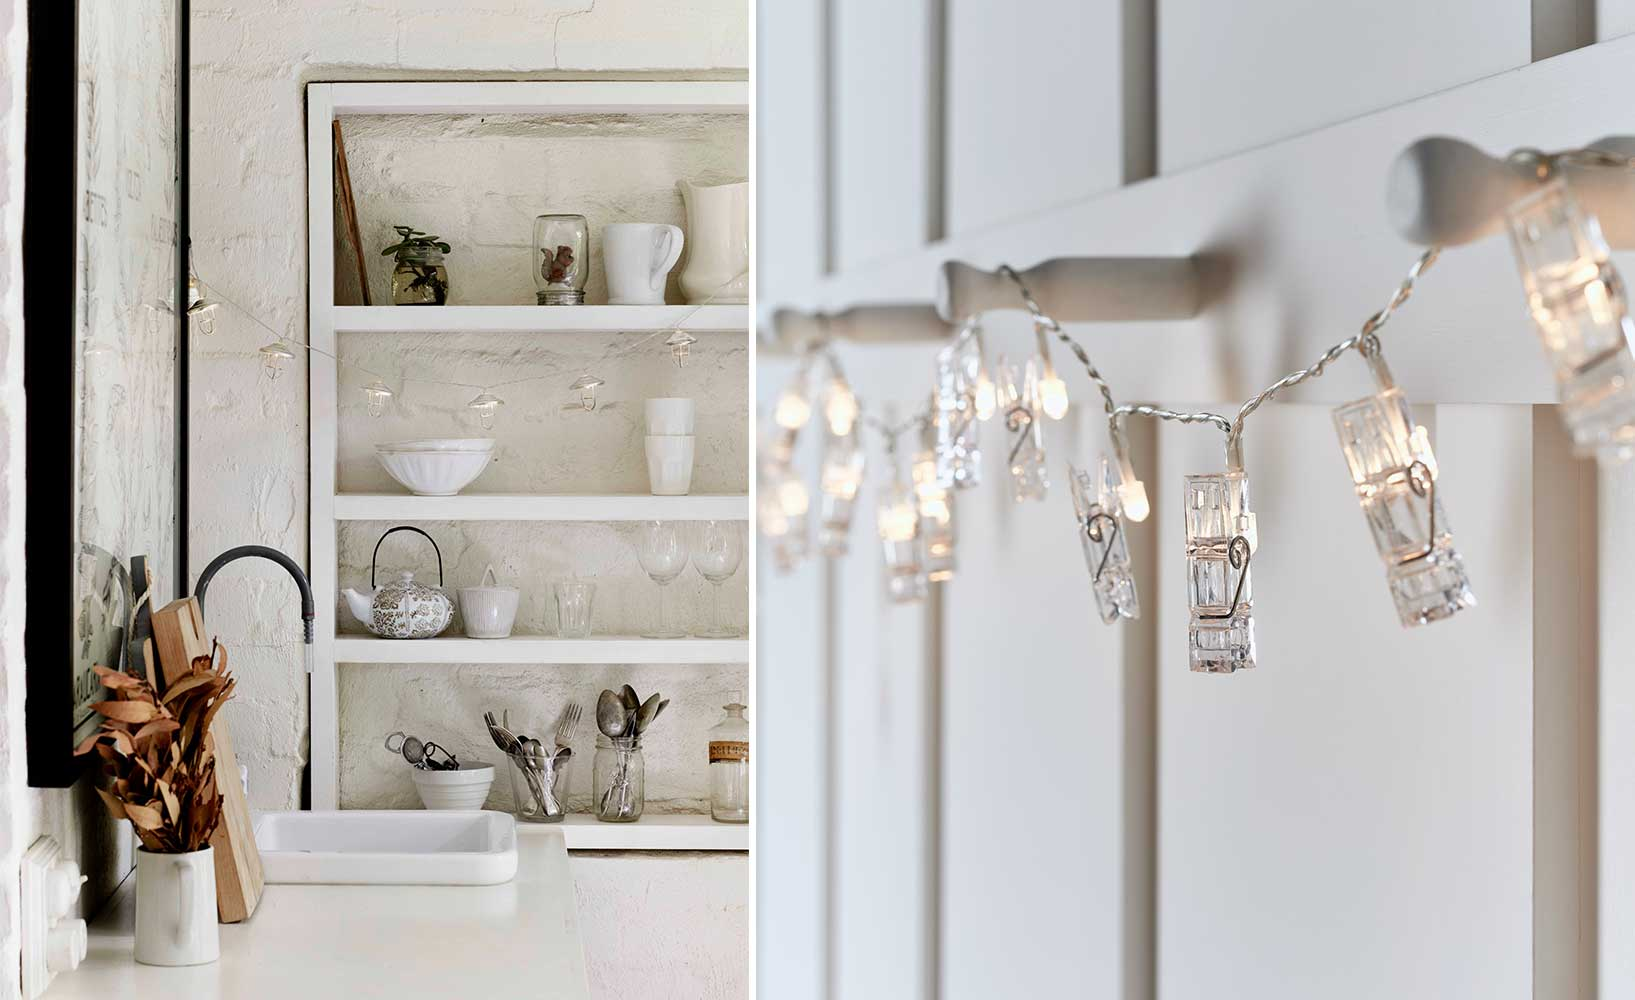 Wohnideen Lichtgestaltung wohnideen led design